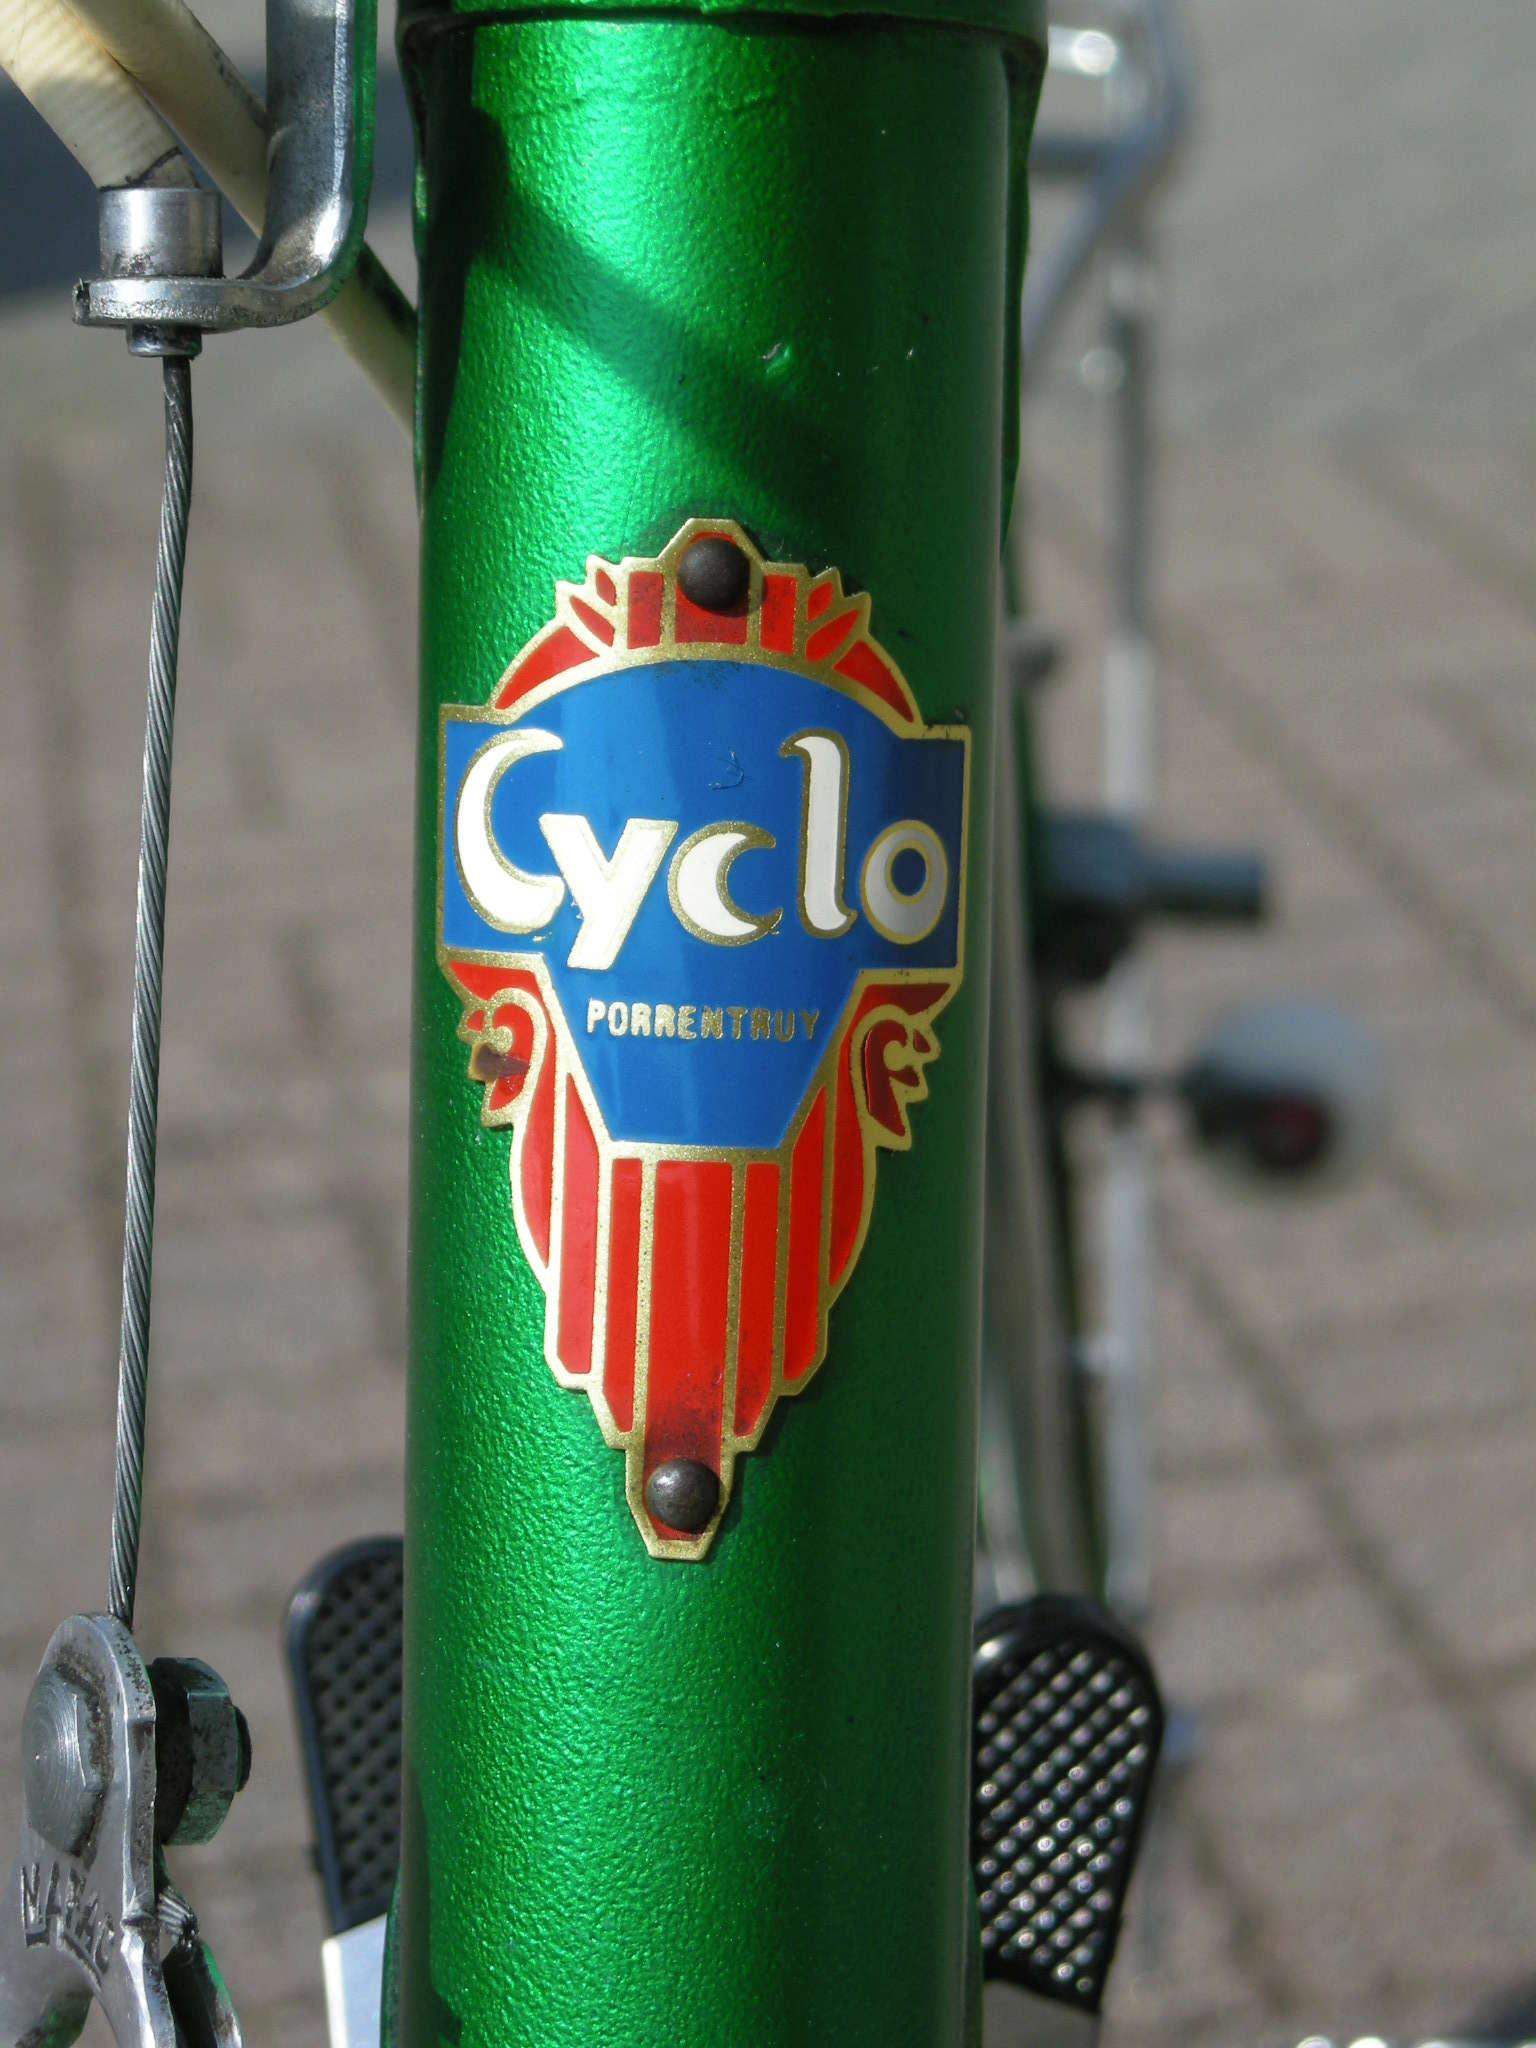 Mixte Cyclo Porrentruy Dscn6231